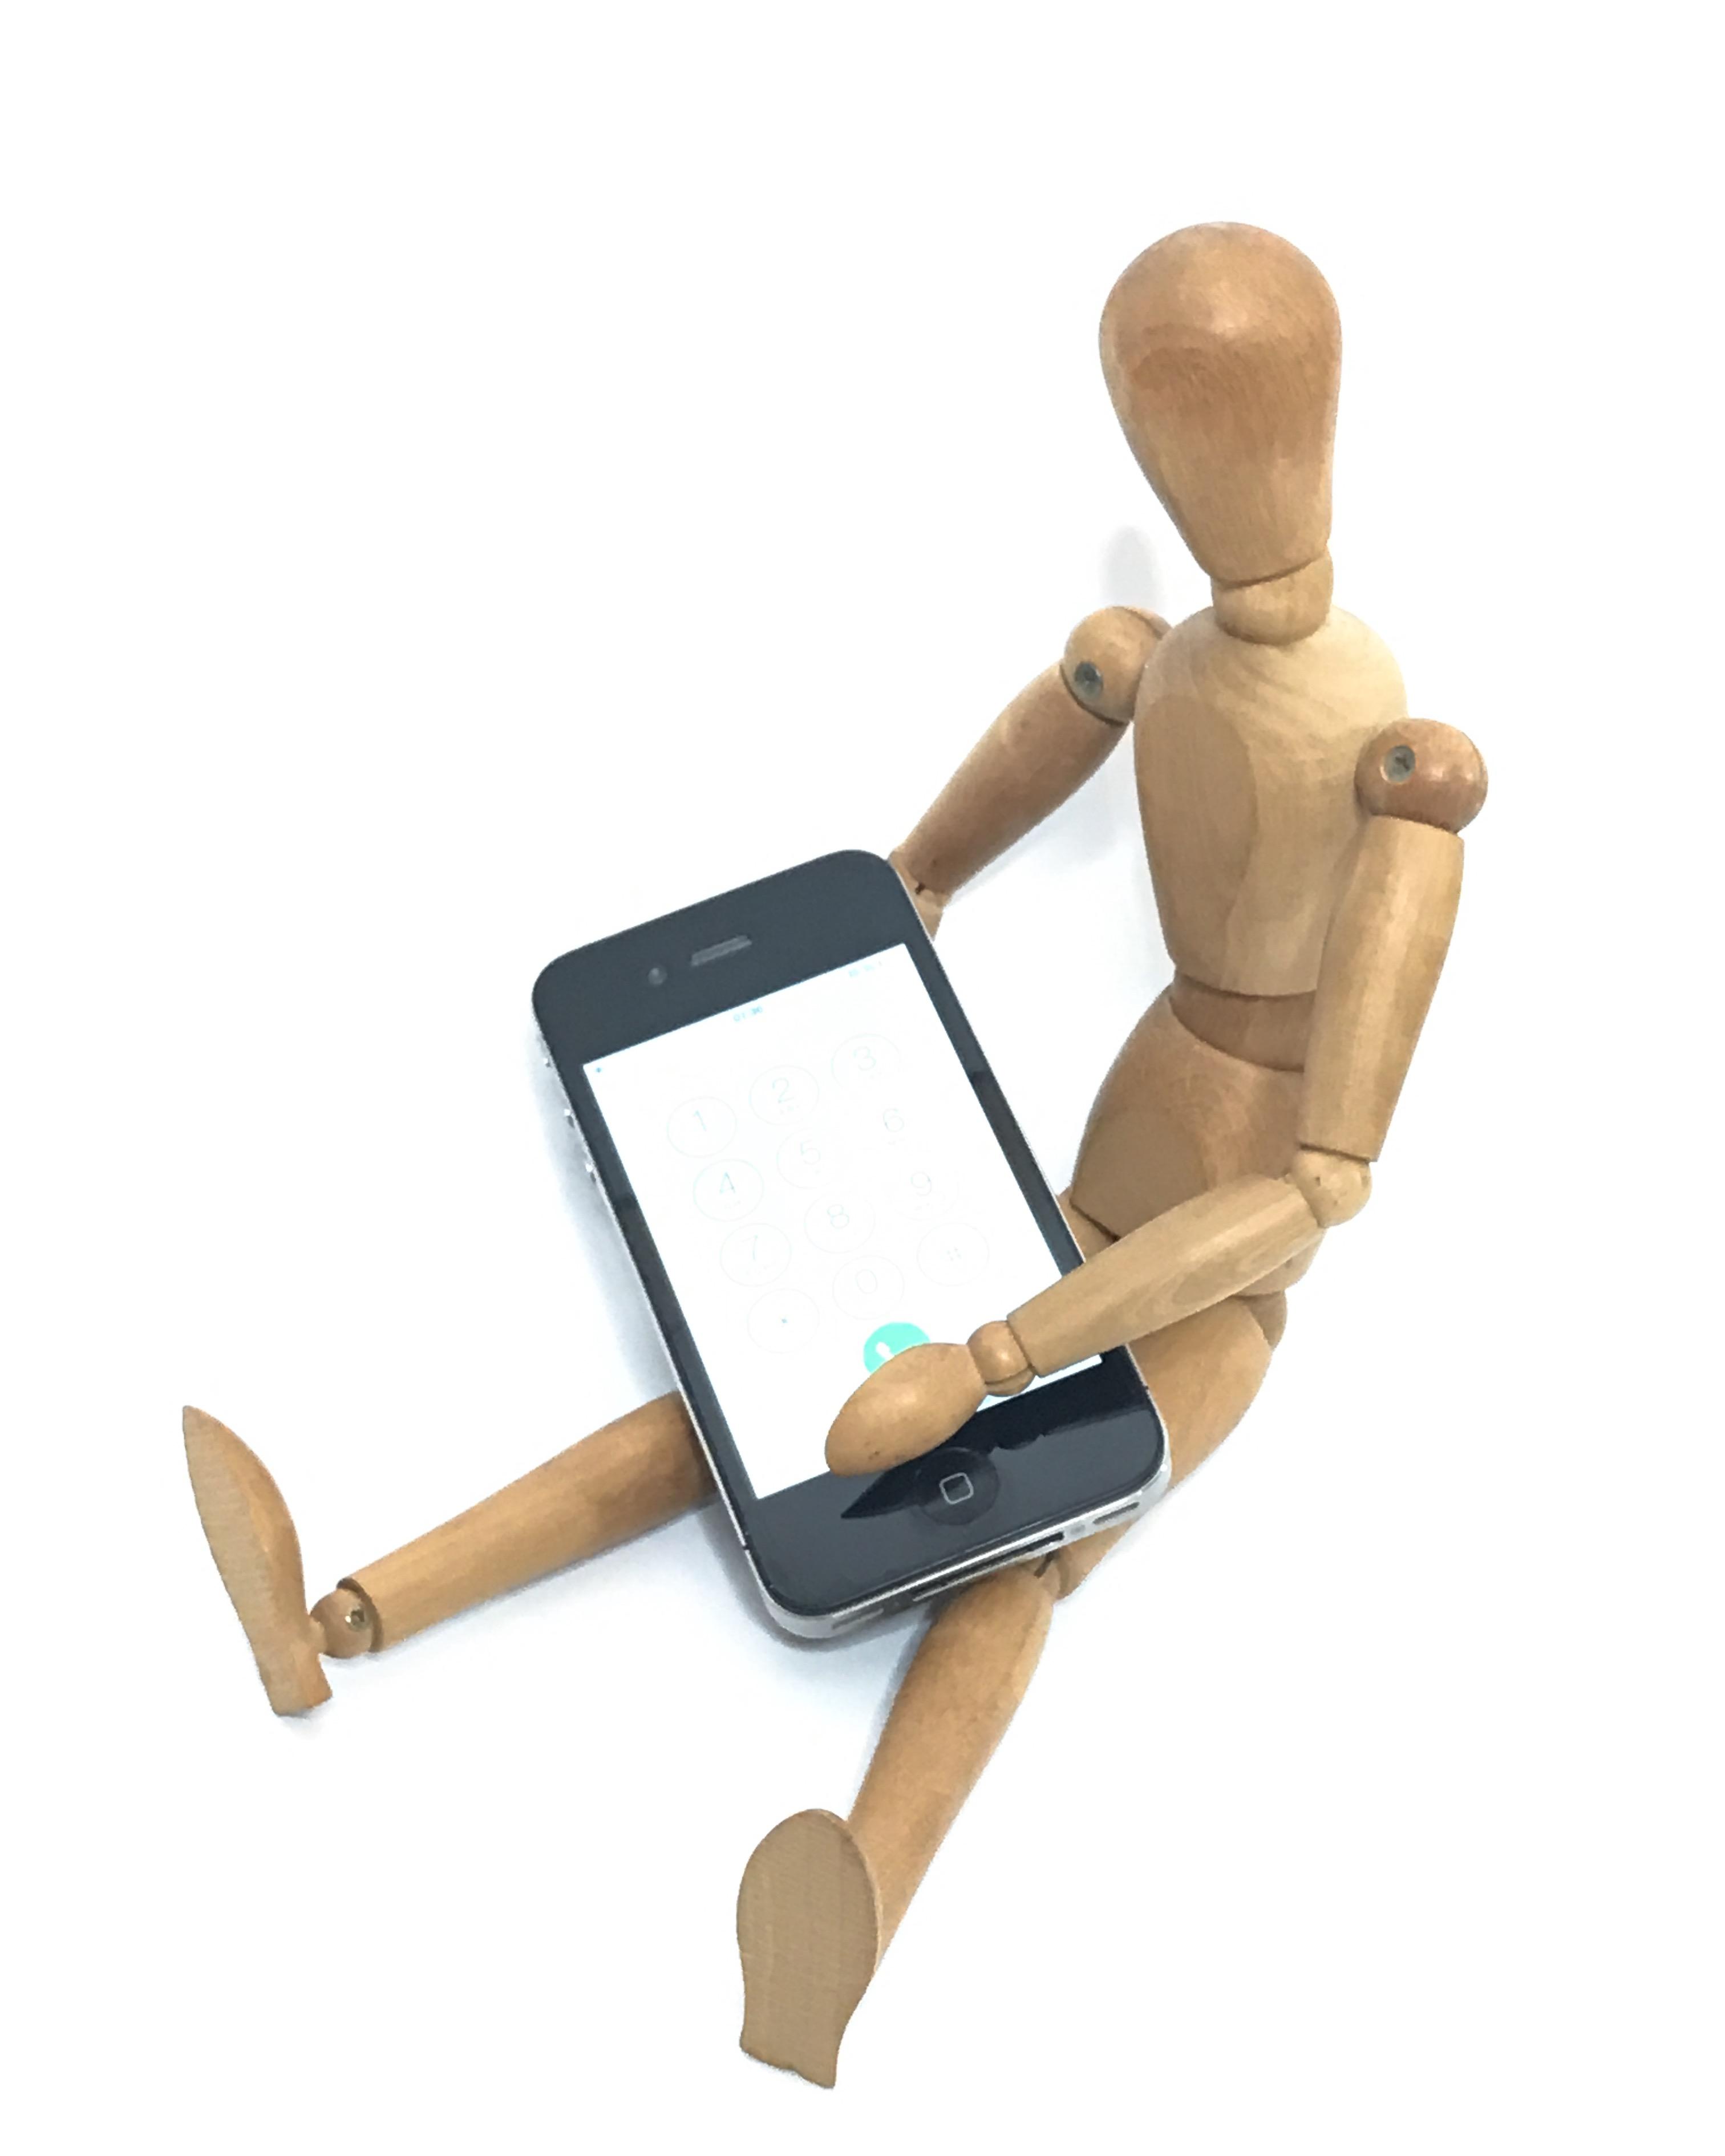 Gesunde Balance finden: durch psychologische Onlineberatung